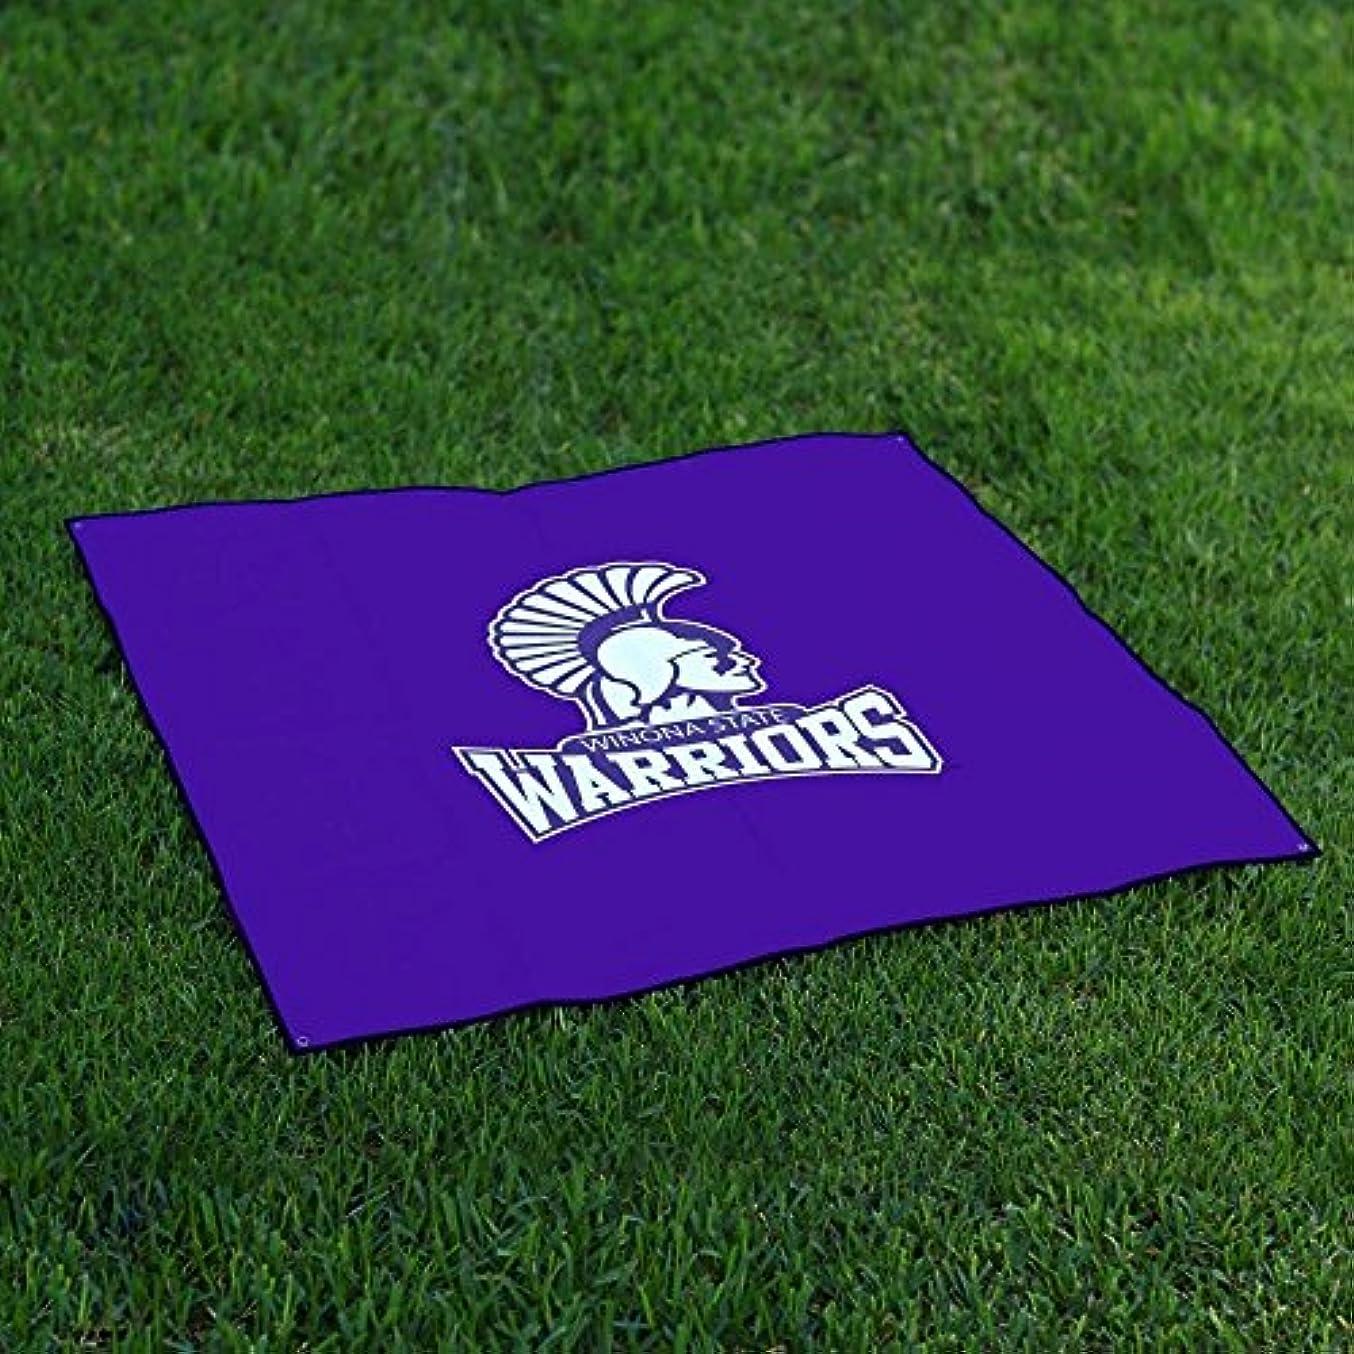 民間アナリストソースWinona State WarriorsテールゲートBlanket Legacy